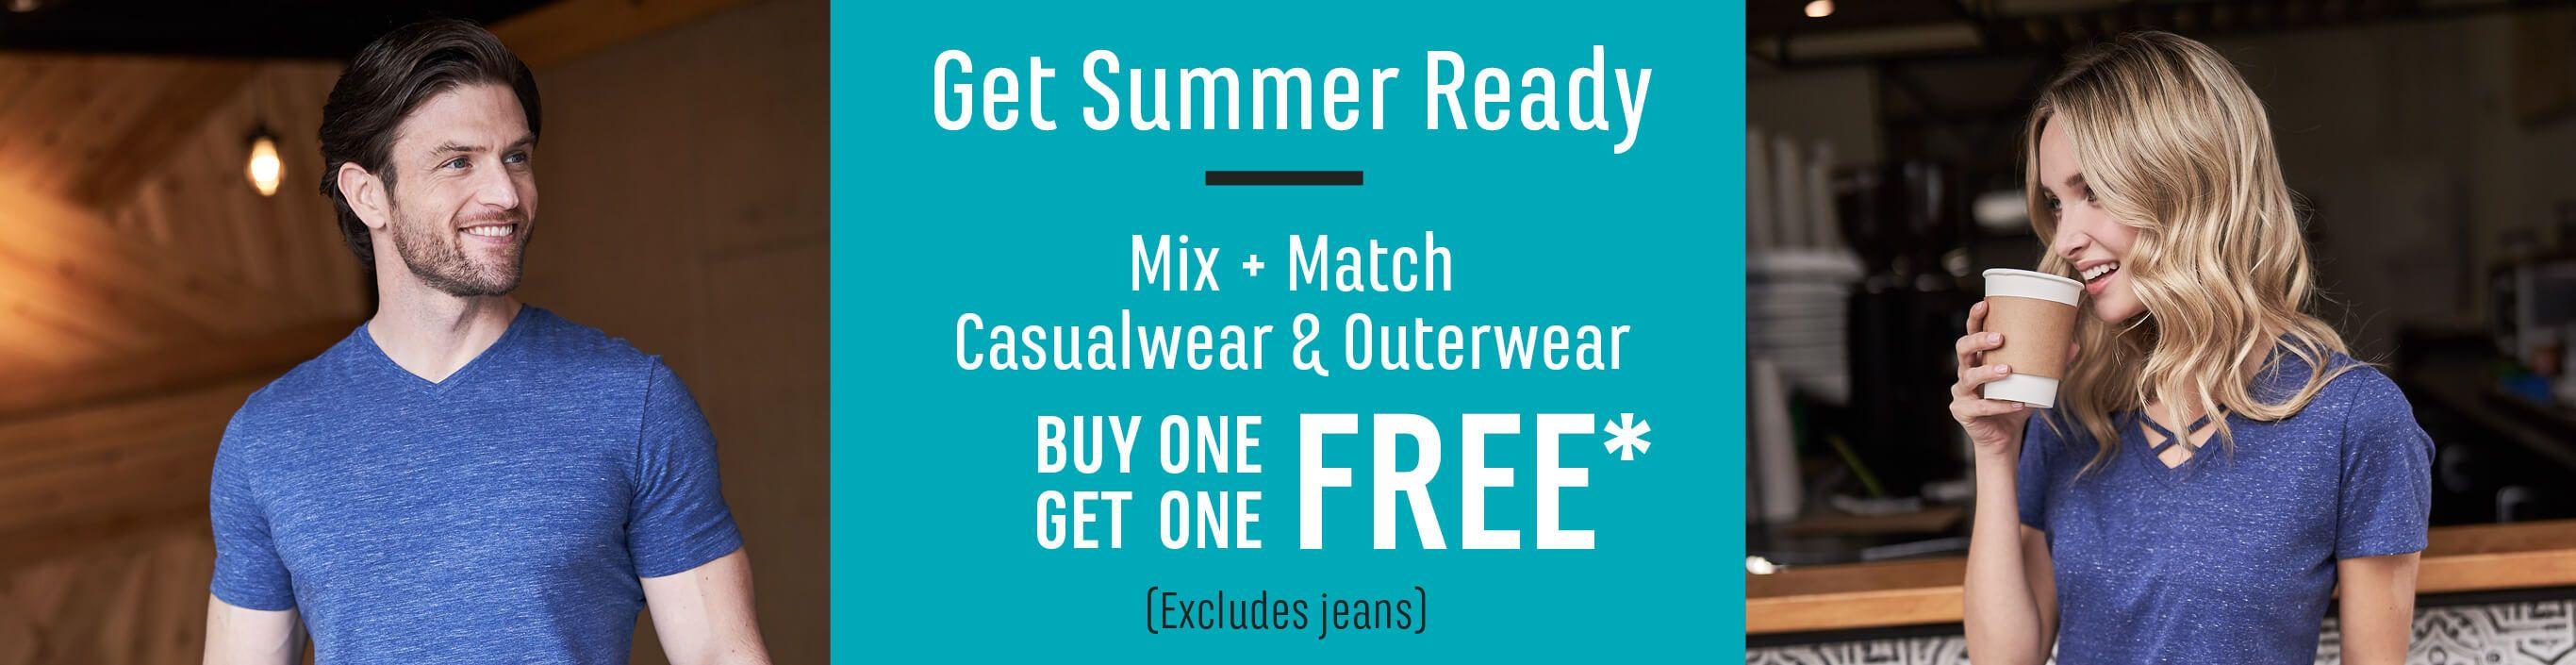 Casual Footwear Buy One Get One 50% Off*